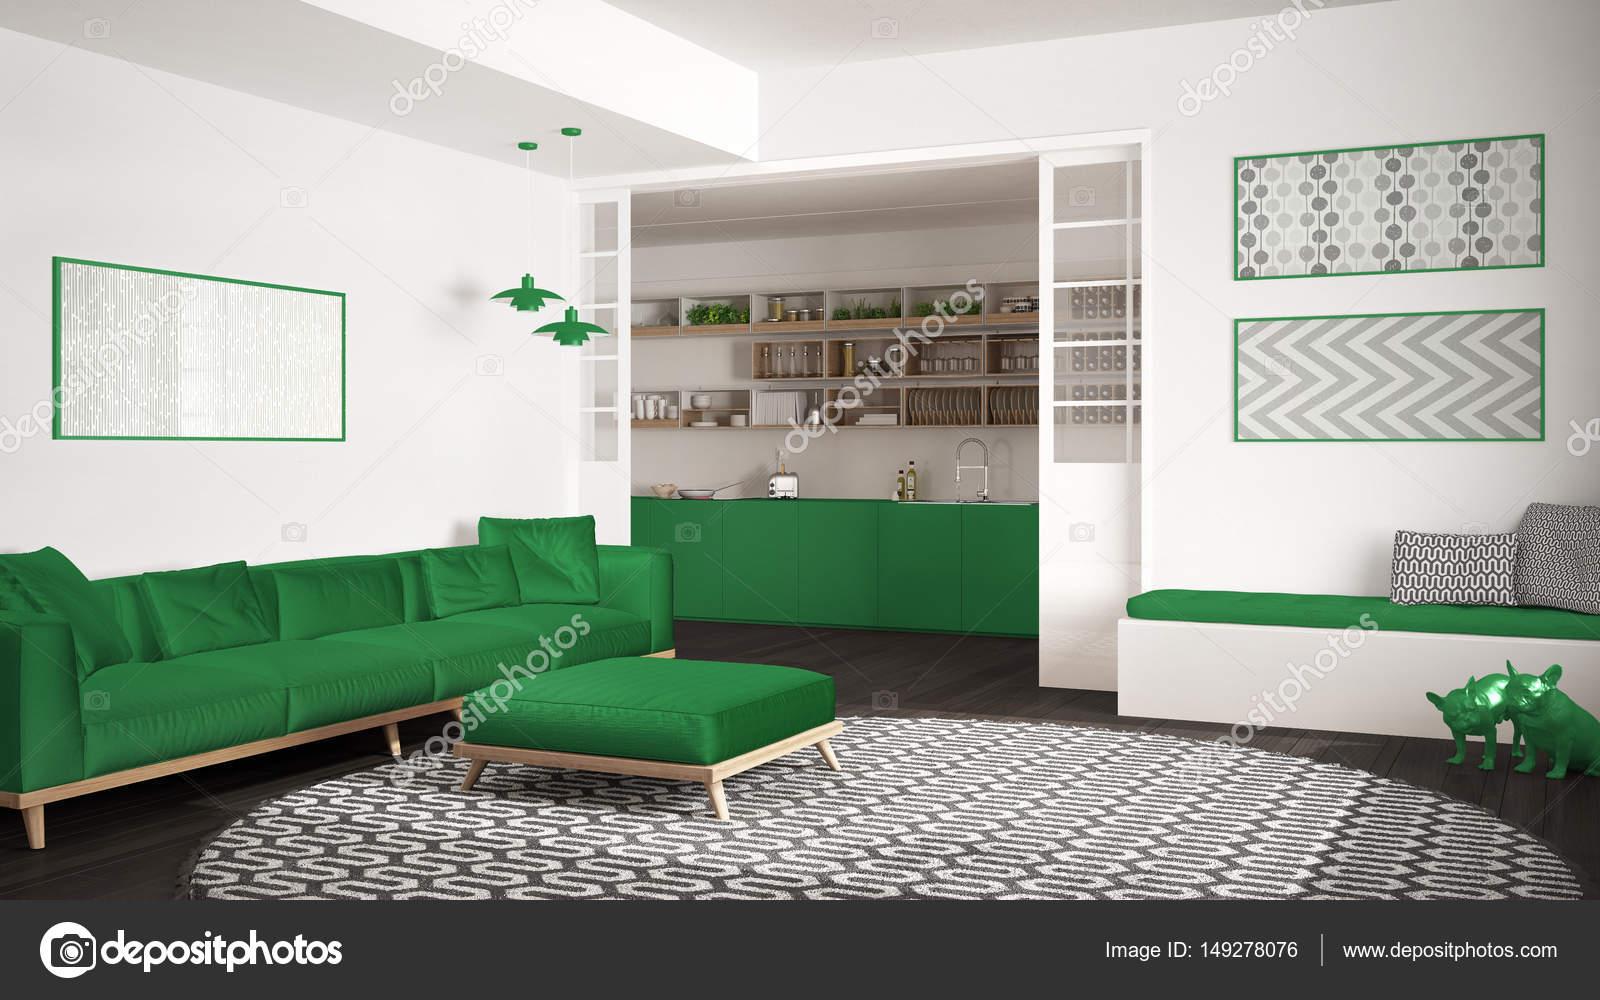 Minimalistisch leven kamer met sofa grote ronde tapijt en keuken